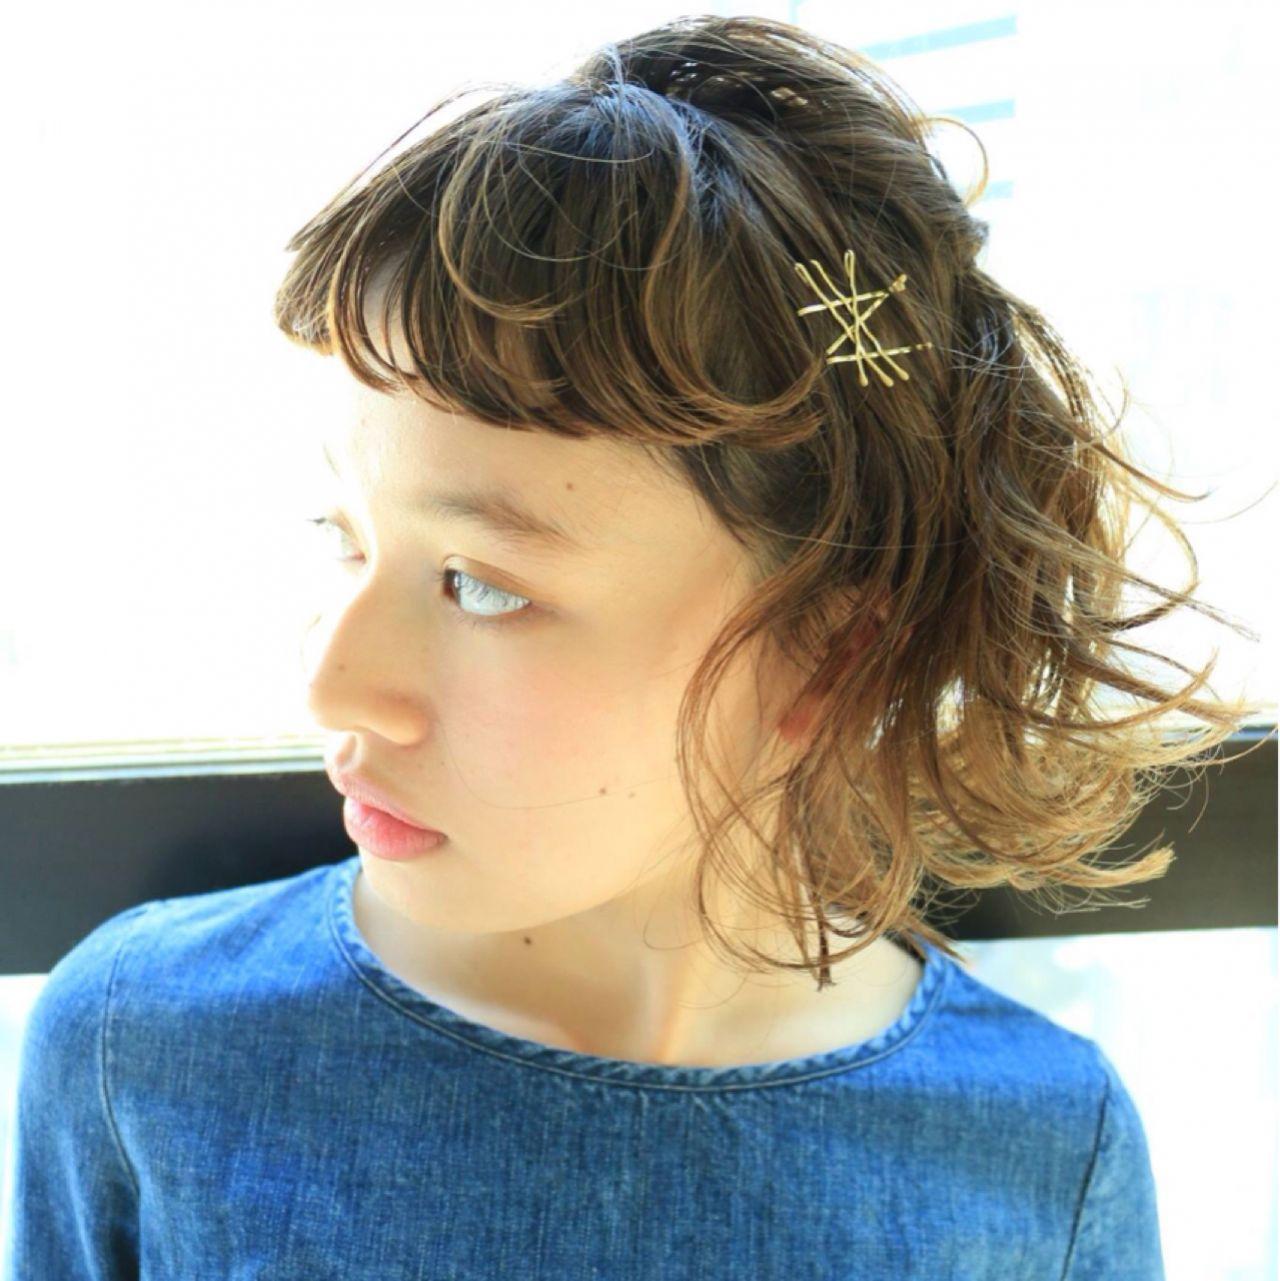 ナチュラル ショート 簡単ヘアアレンジ ウェットヘア ヘアスタイルや髪型の写真・画像